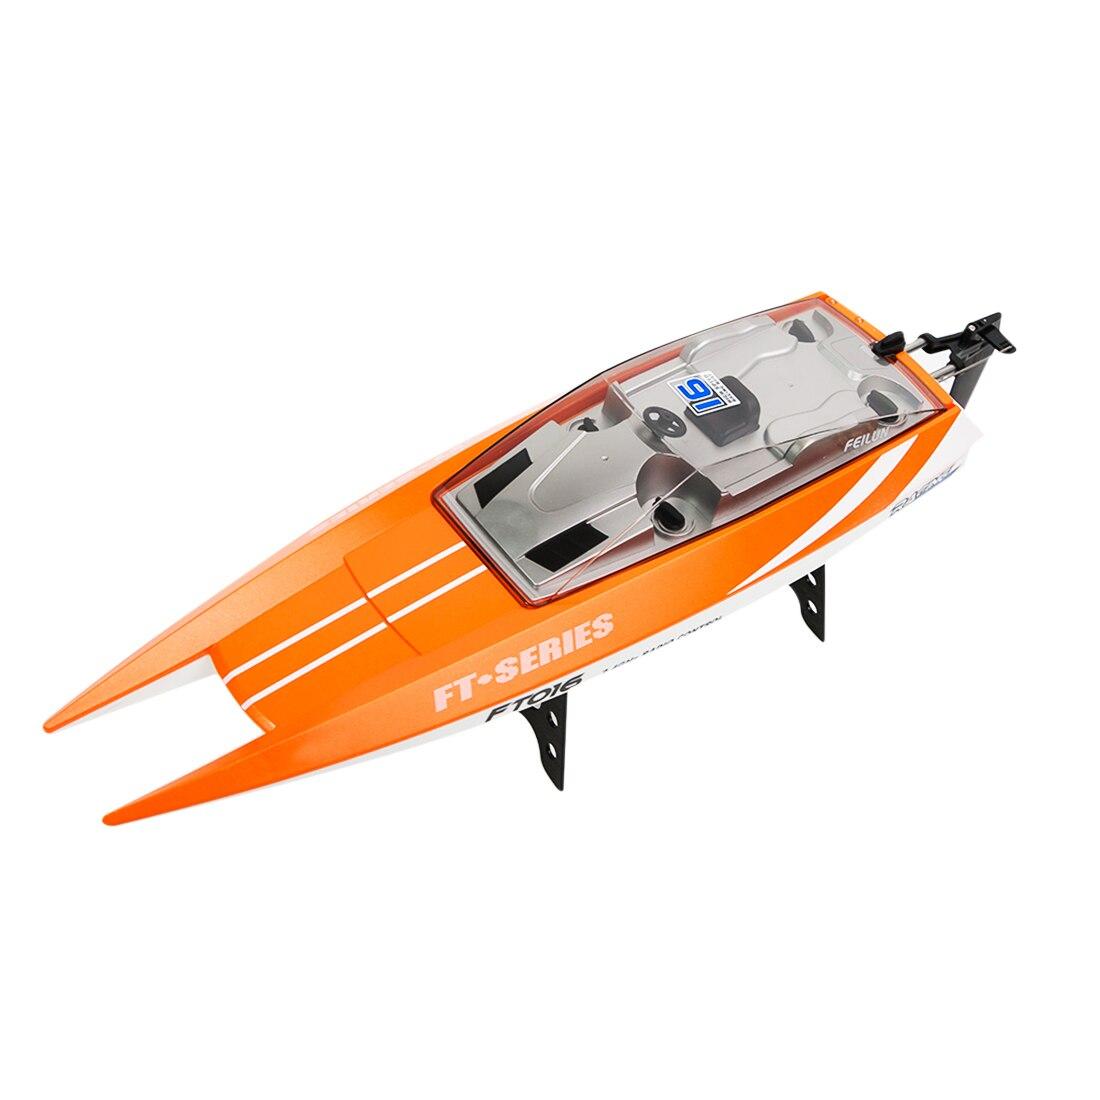 Nouveauté Feilun FT016 2.4G télécommande hors-bord RC bateau jouet pour enfants anniversaire cadeau de noël Orange/armée vert